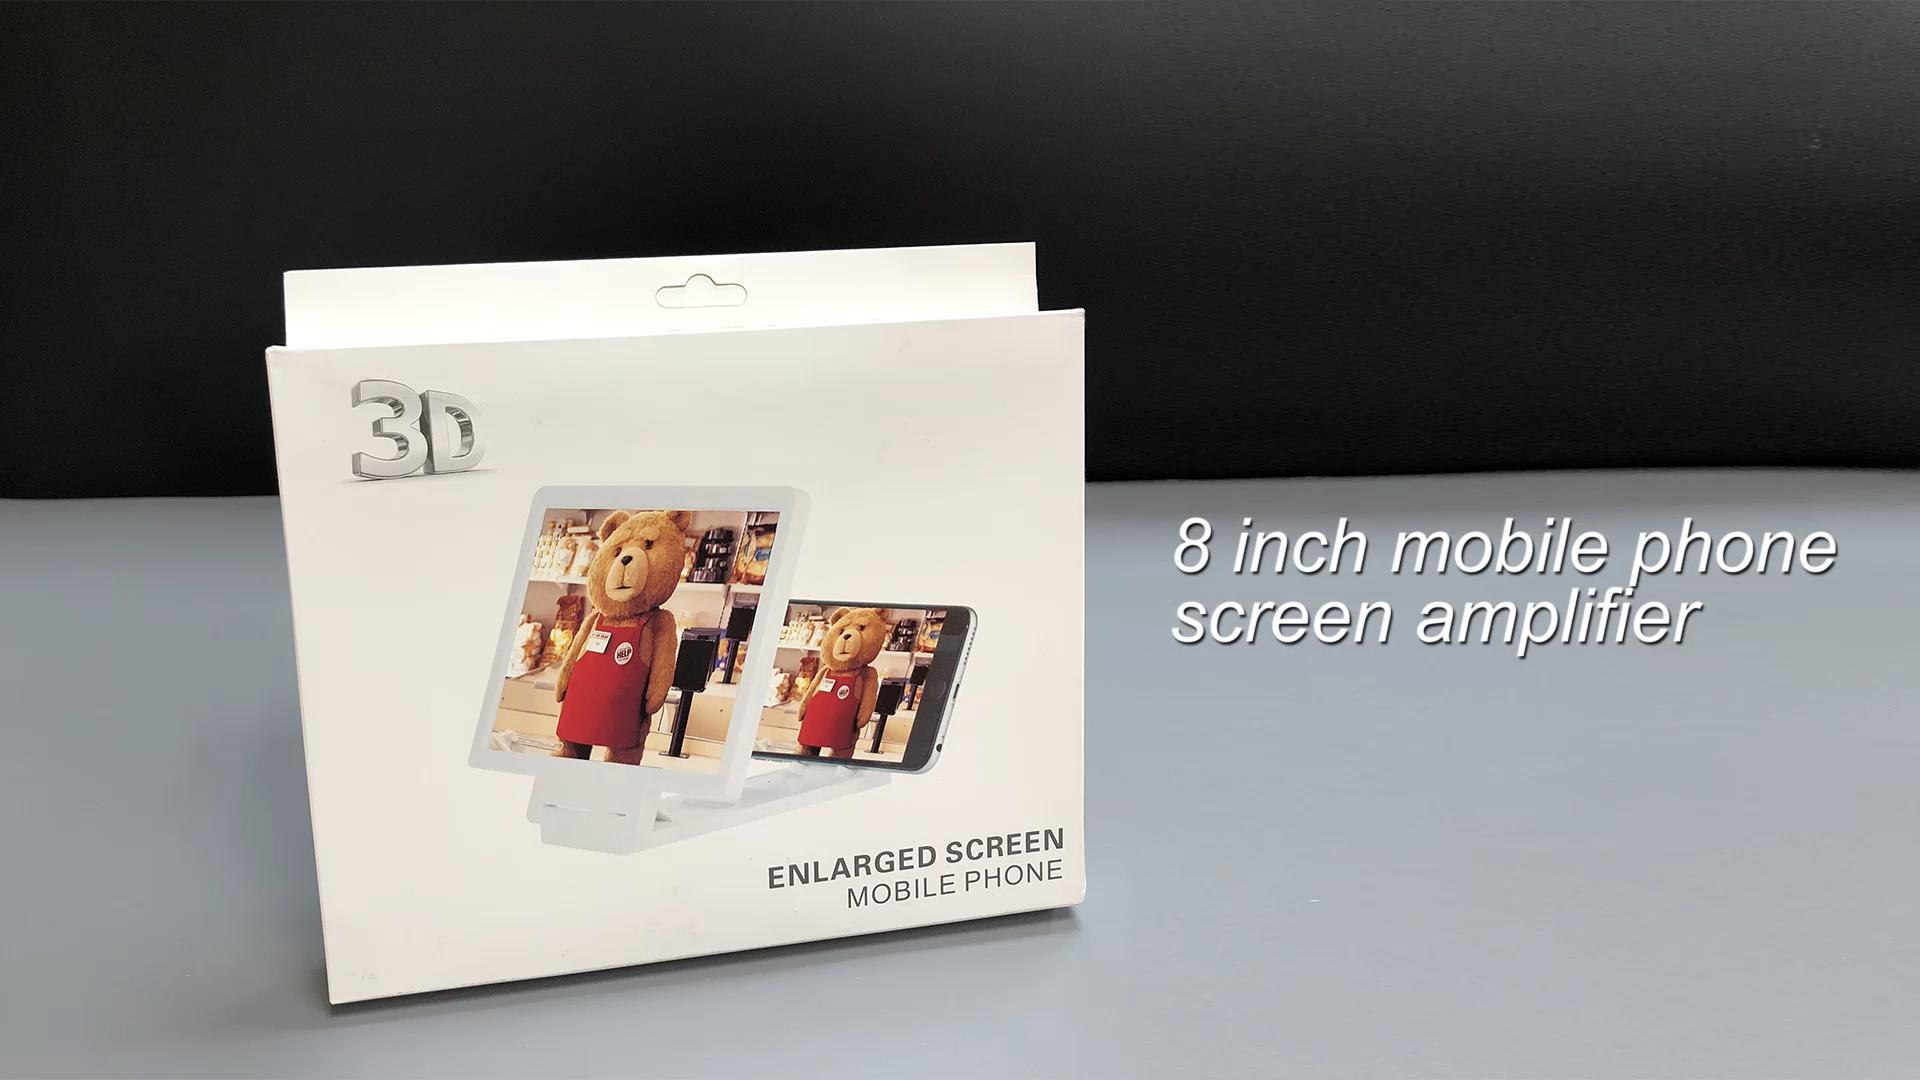 حار بيع المنتجات 3 مرات الهاتف المحمول F1 الشاشة المكبر 3D هاتف محمول شاشة مكبر الهاتف الموسع الشاشة